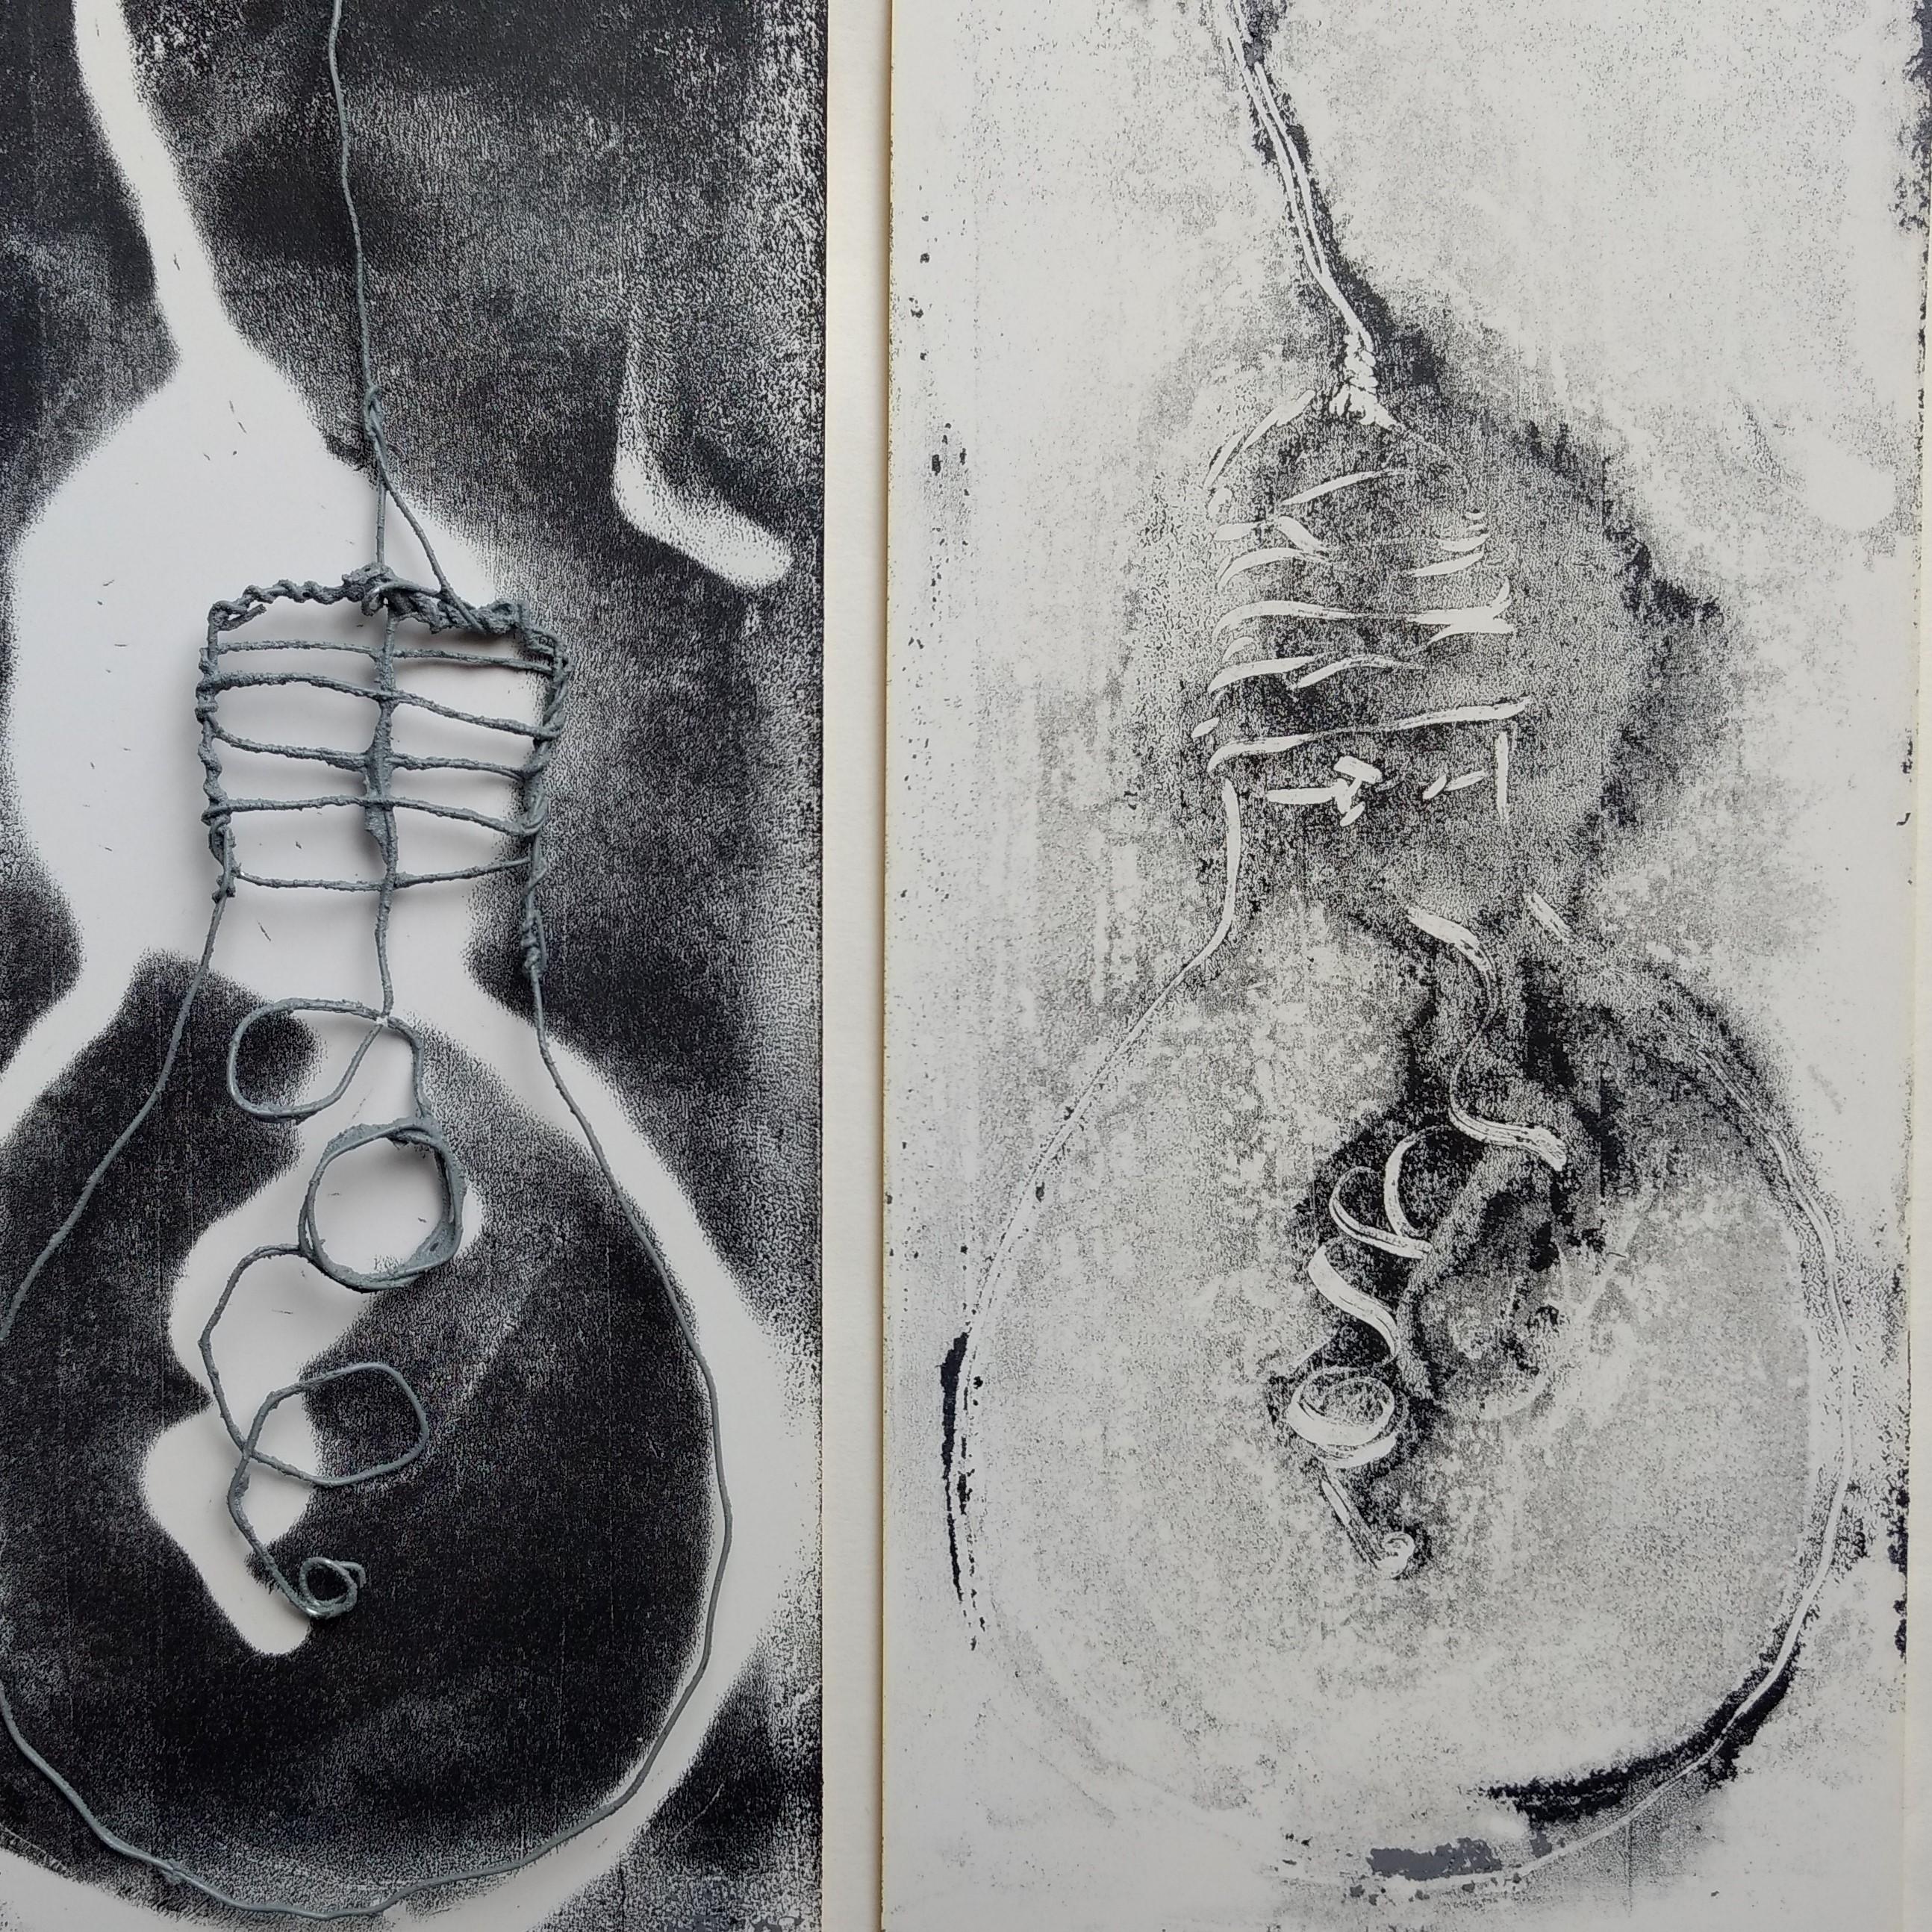 Ziemlich Draht Kunst Einfach Ideen - Elektrische Schaltplan-Ideen ...